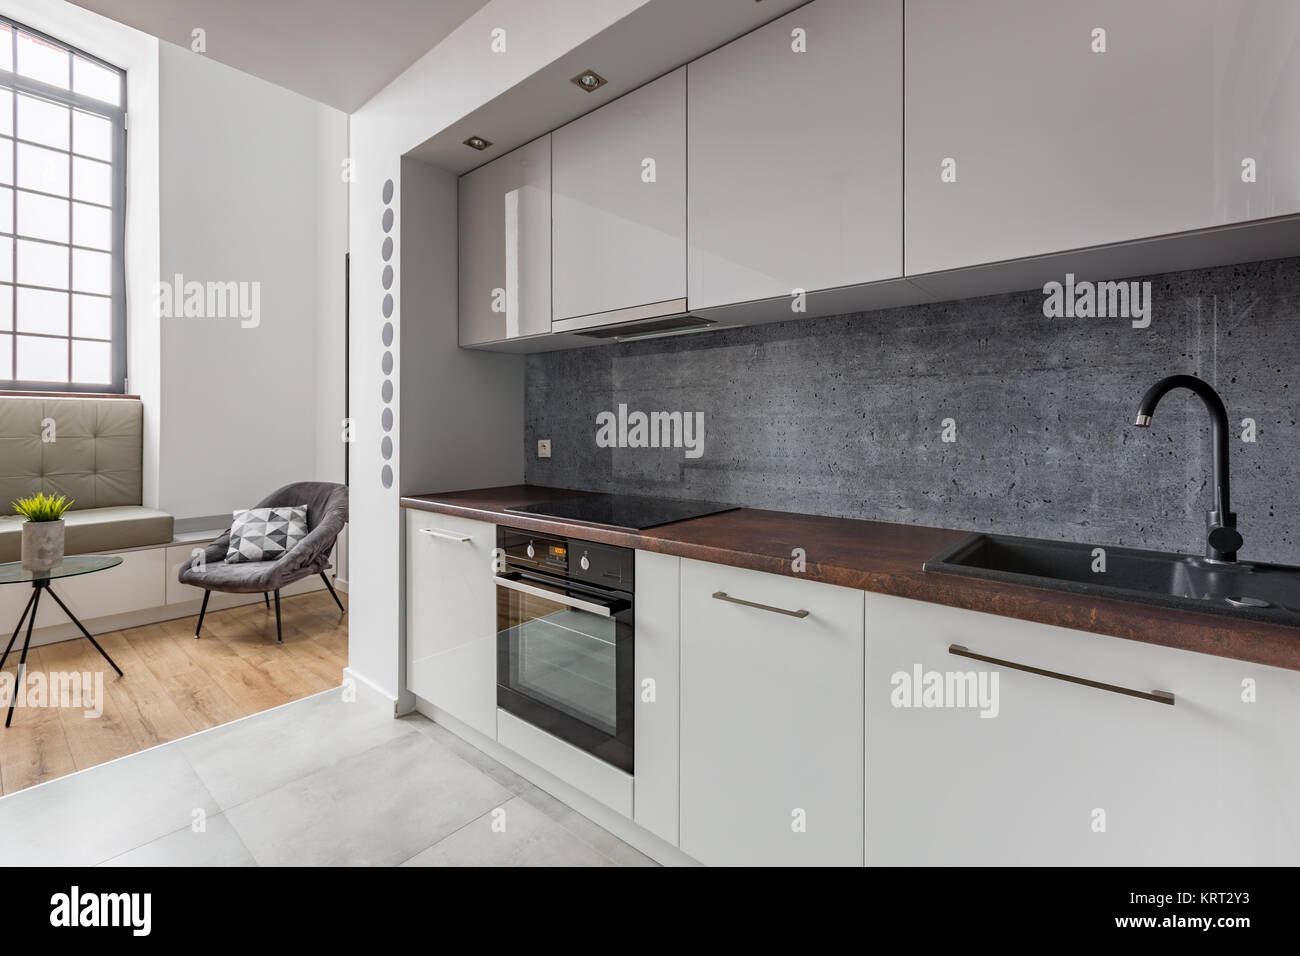 Moderne Küche mit Spüle und Arbeitsplatte aus Granit schwarz ...